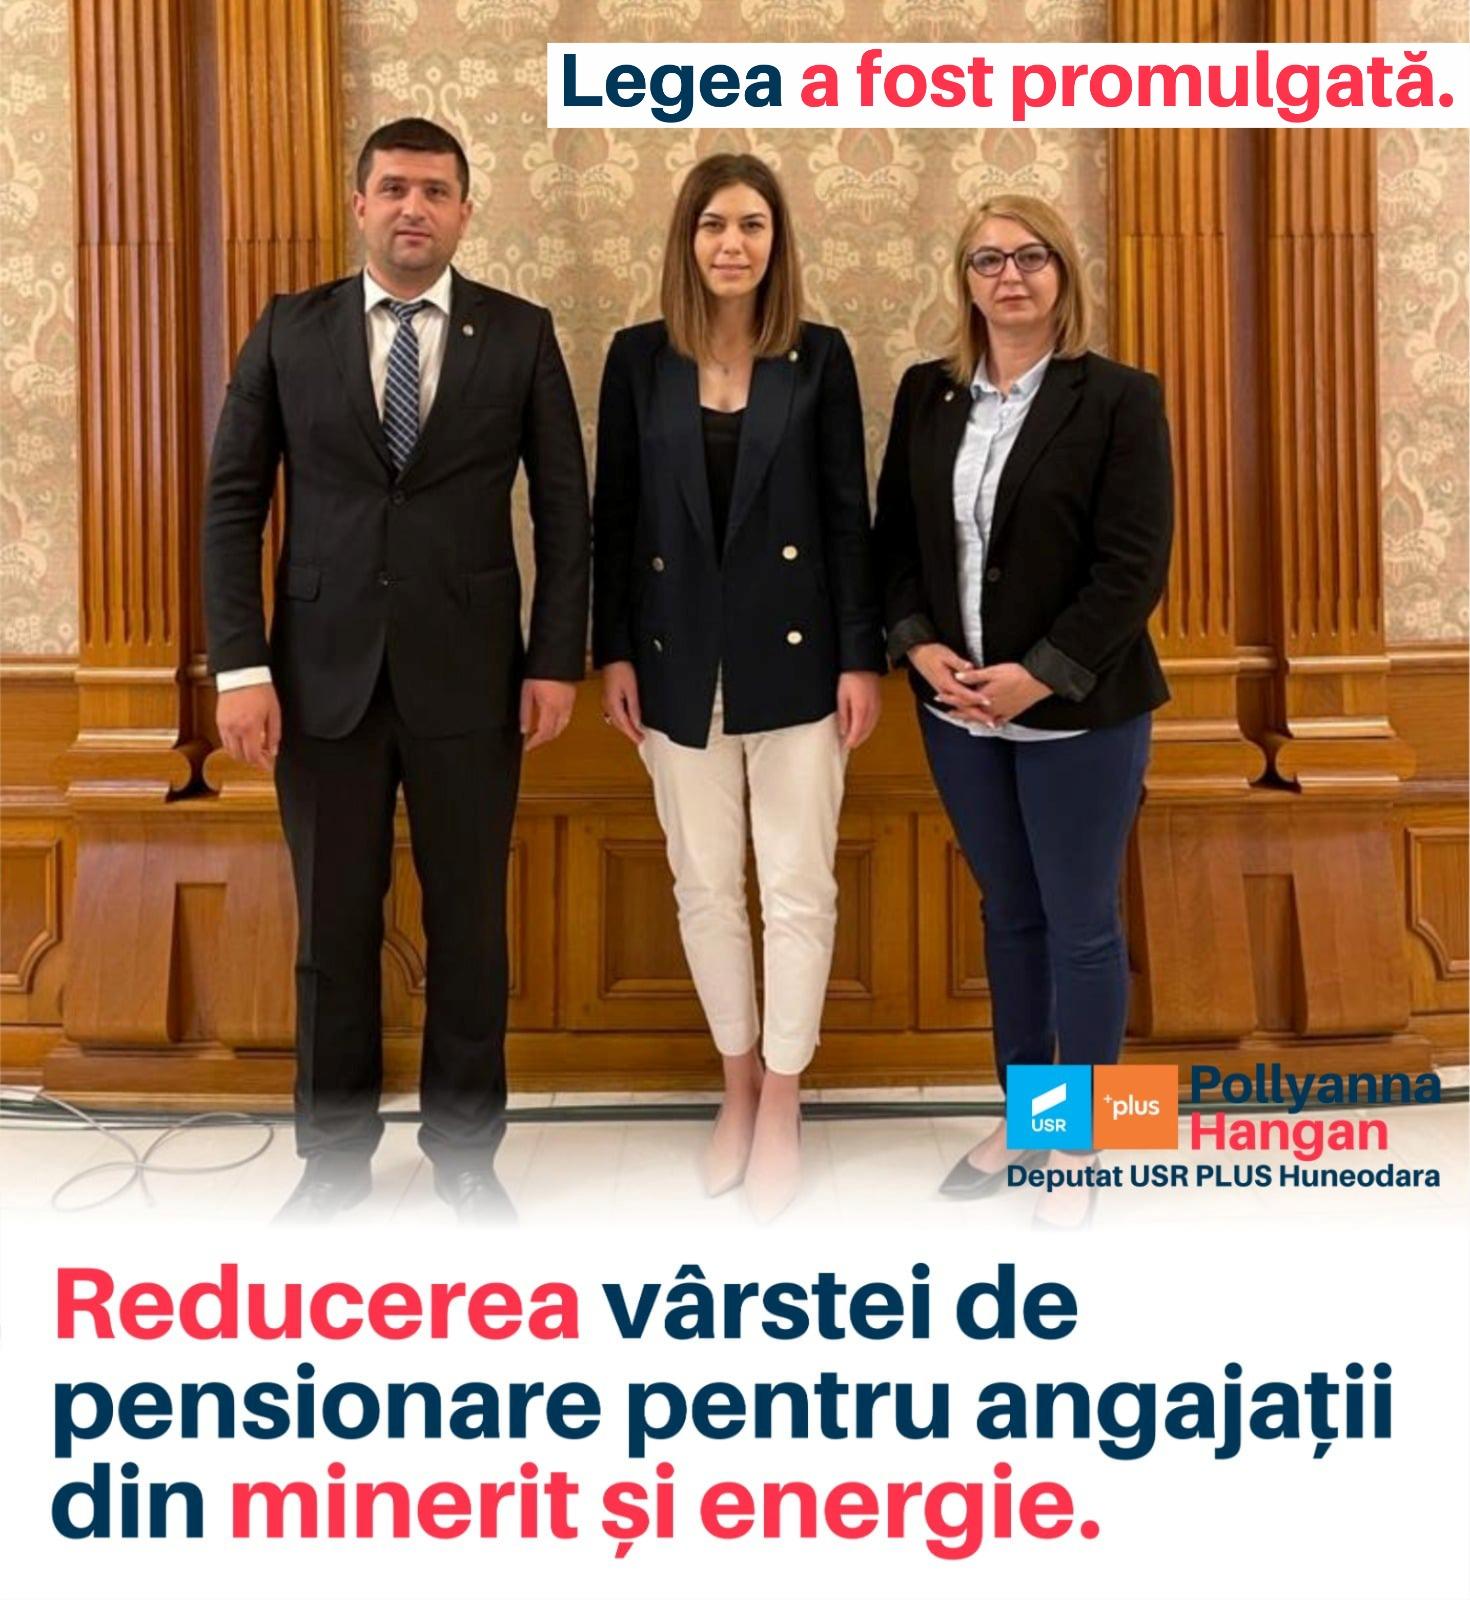 USR a luptat pentru energeticienii hunedoreni: a fost promulgată pensionarea anticipată